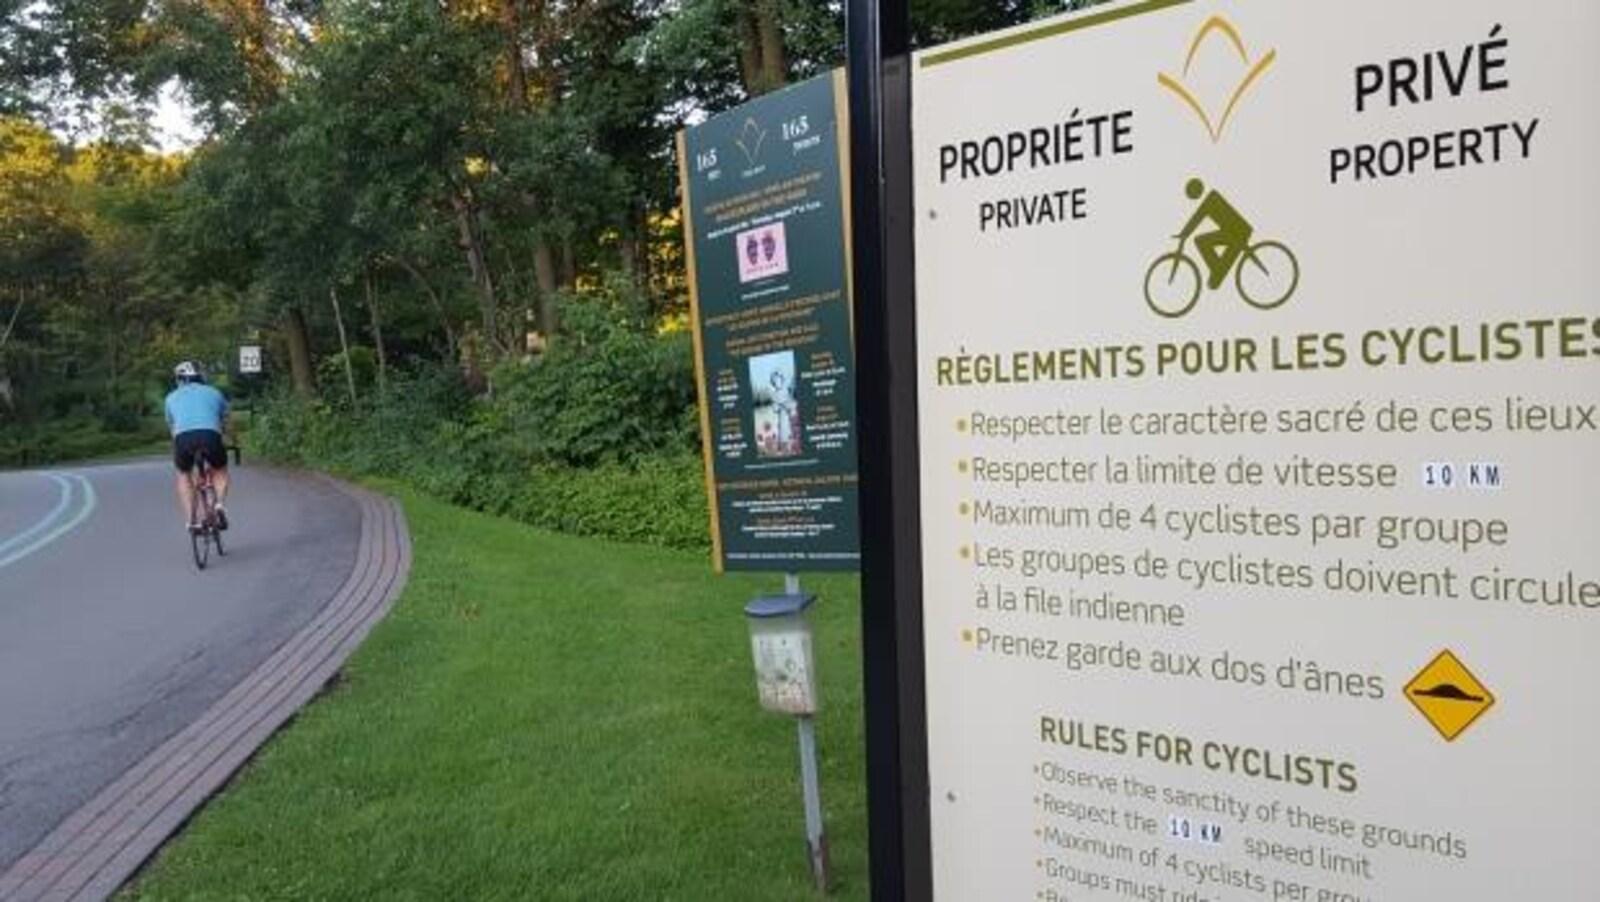 Affiche au cimetière du Mont-Royal indiquant les règles à suivre pour les cyclistes